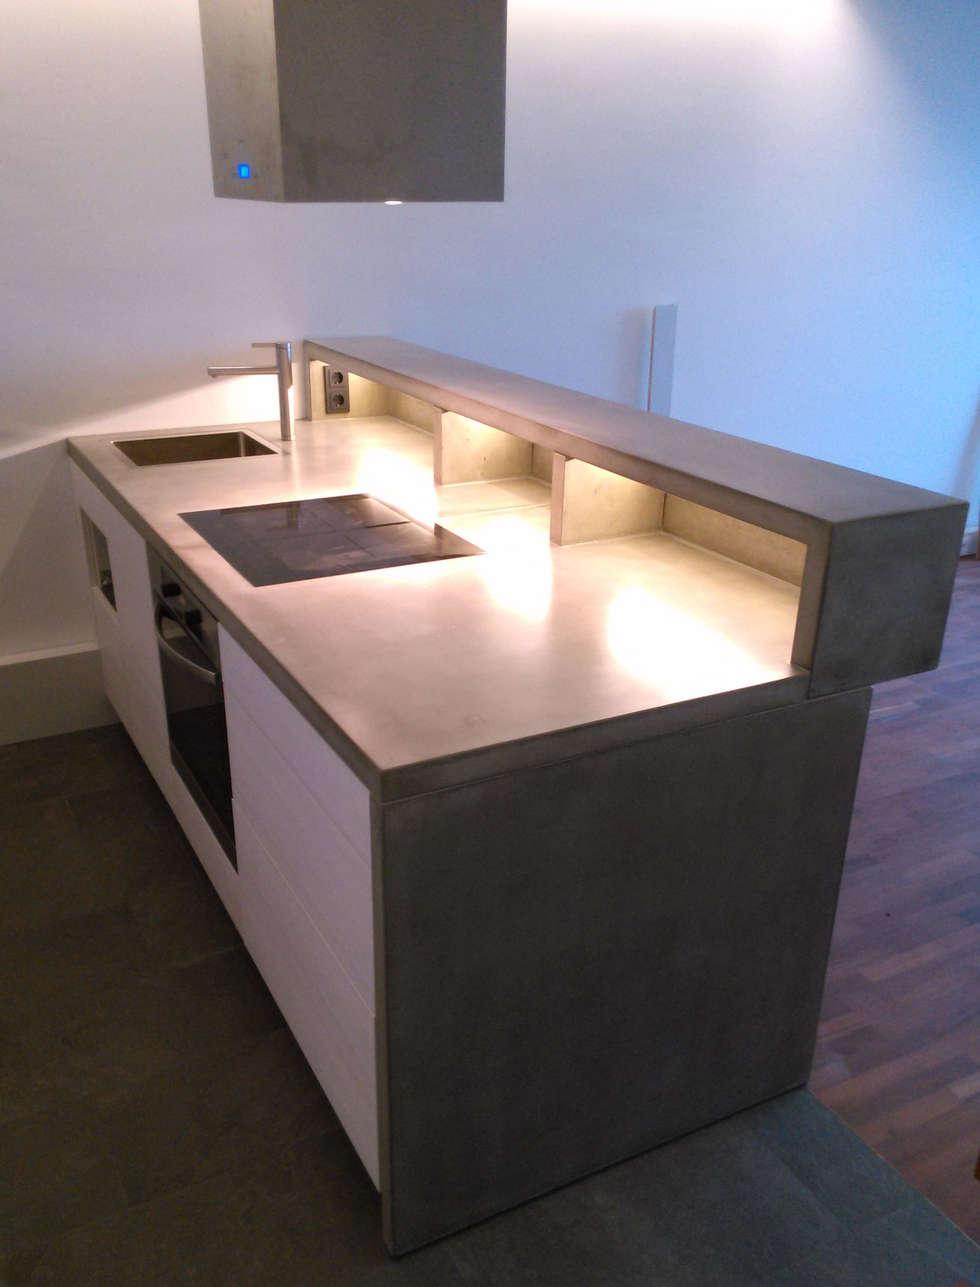 Küchenarbeitsplatten aus glasfaser - beton: moderne küche von ...